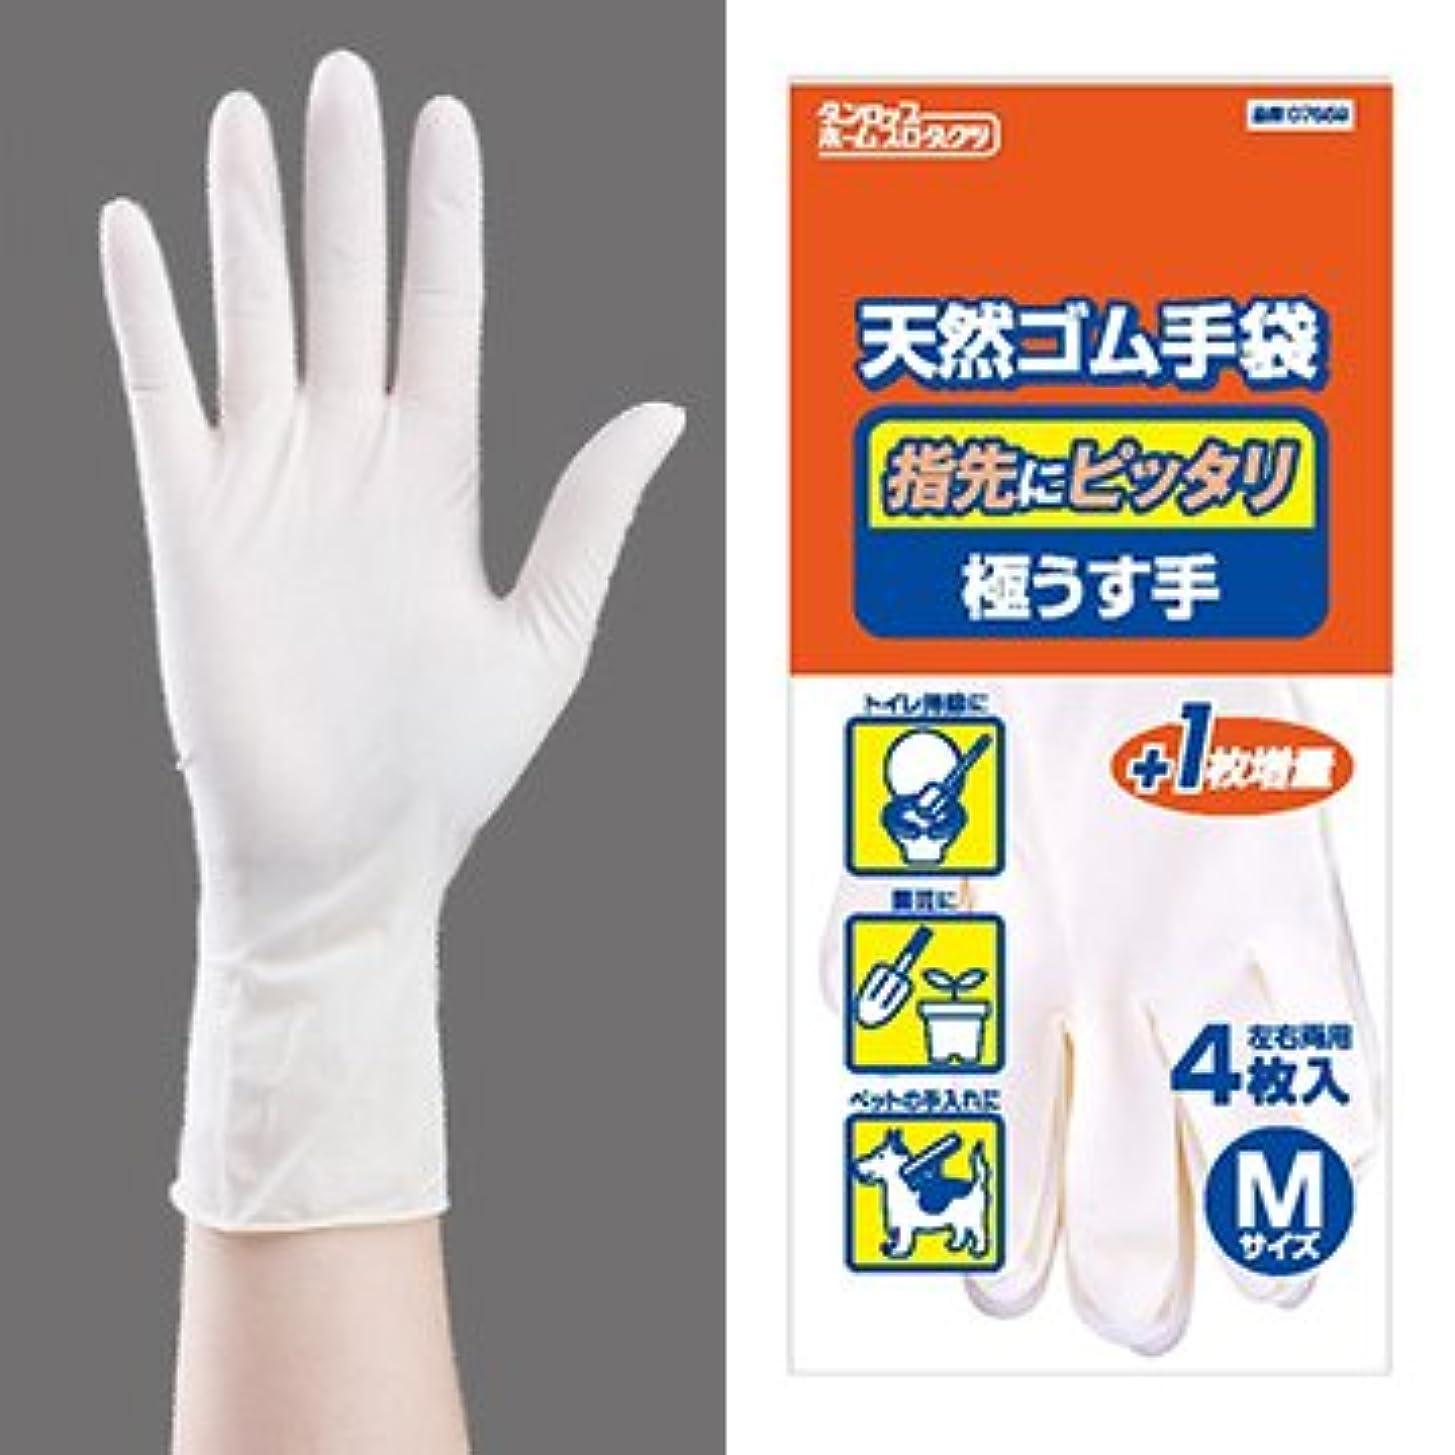 私たちのもの泥キャスト天然ゴム極うす手袋 4枚+1枚入